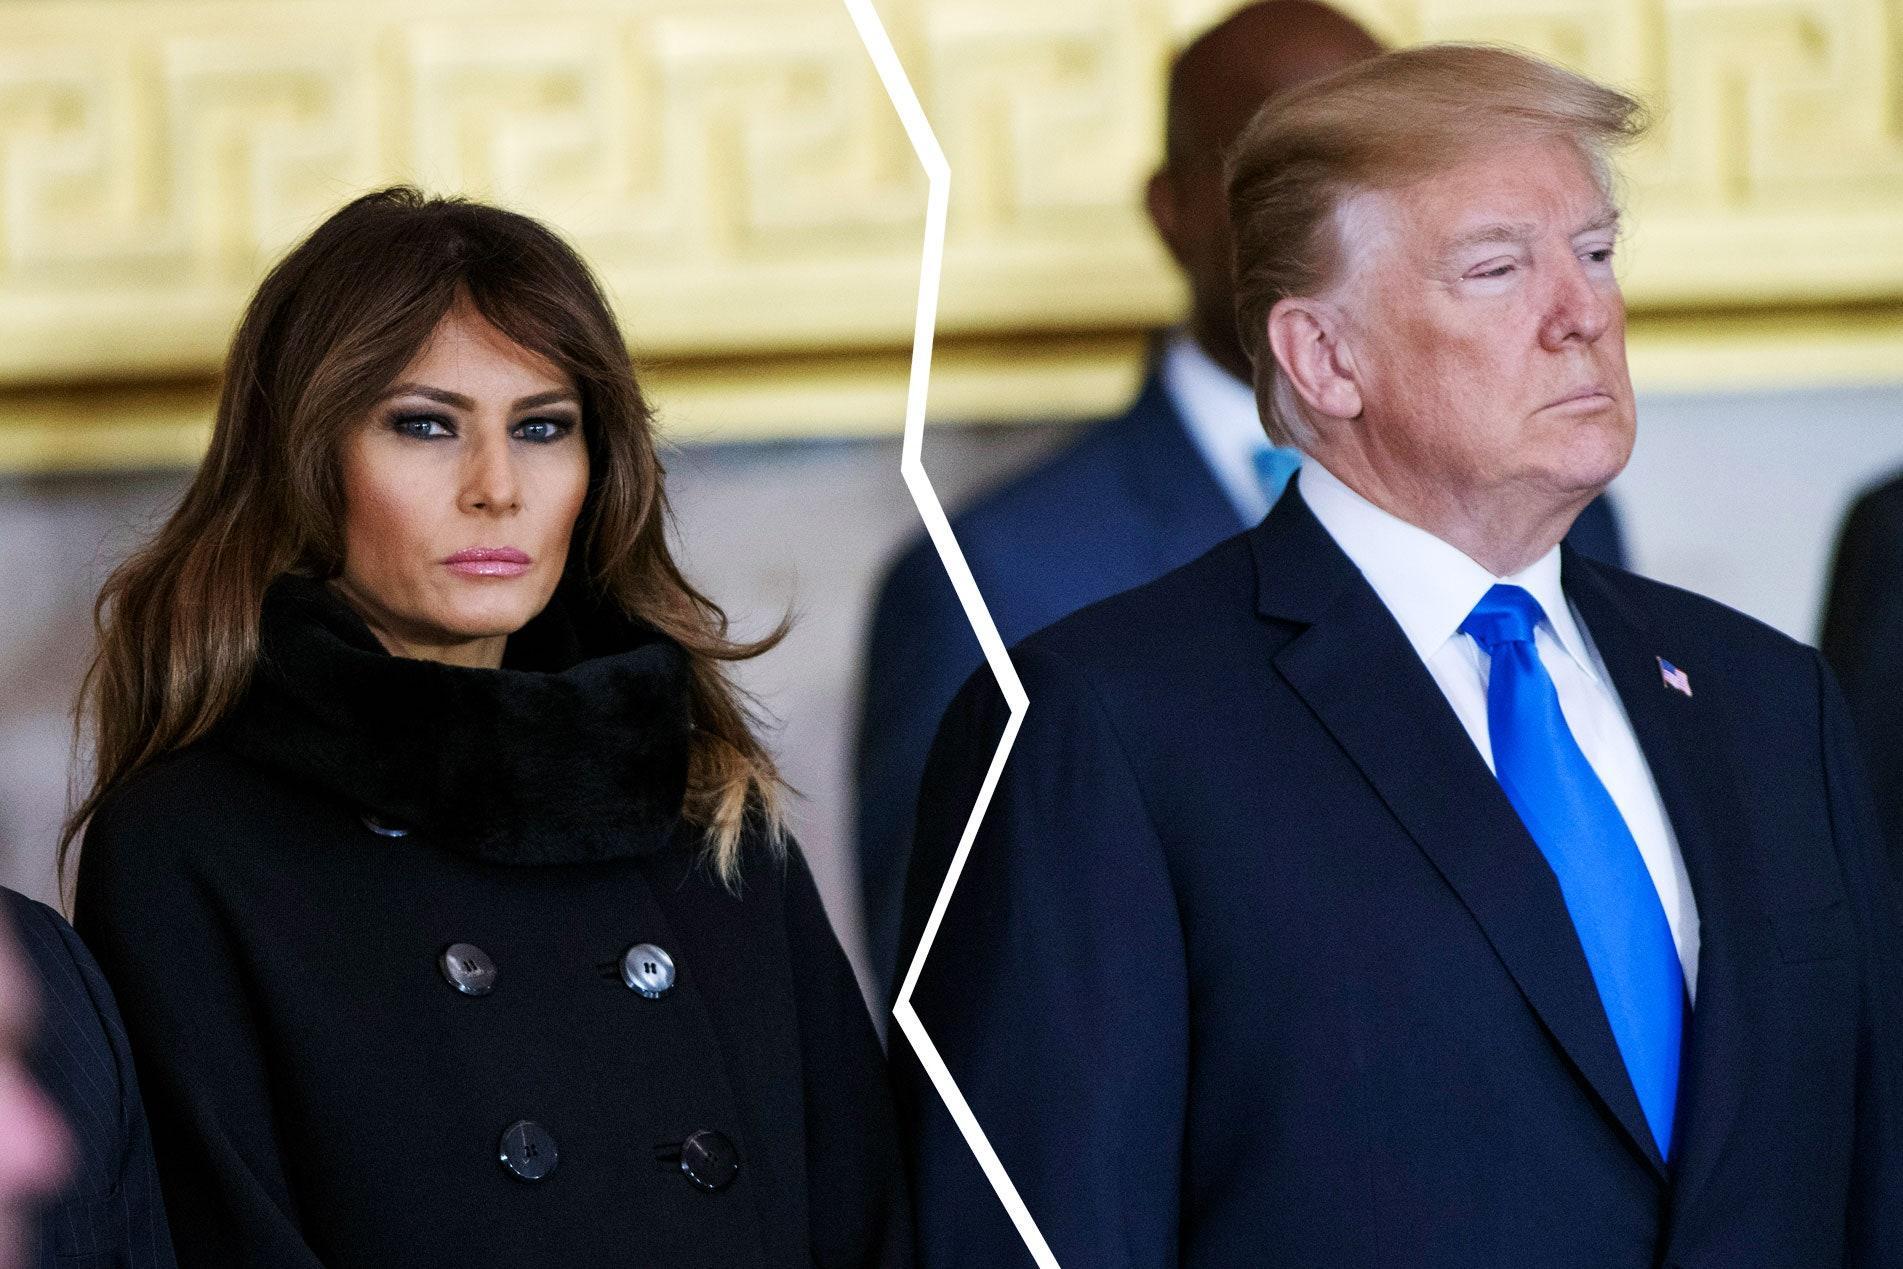 Donald Trump dhe Melania drejt divorcit? Zbulohet e vërteta